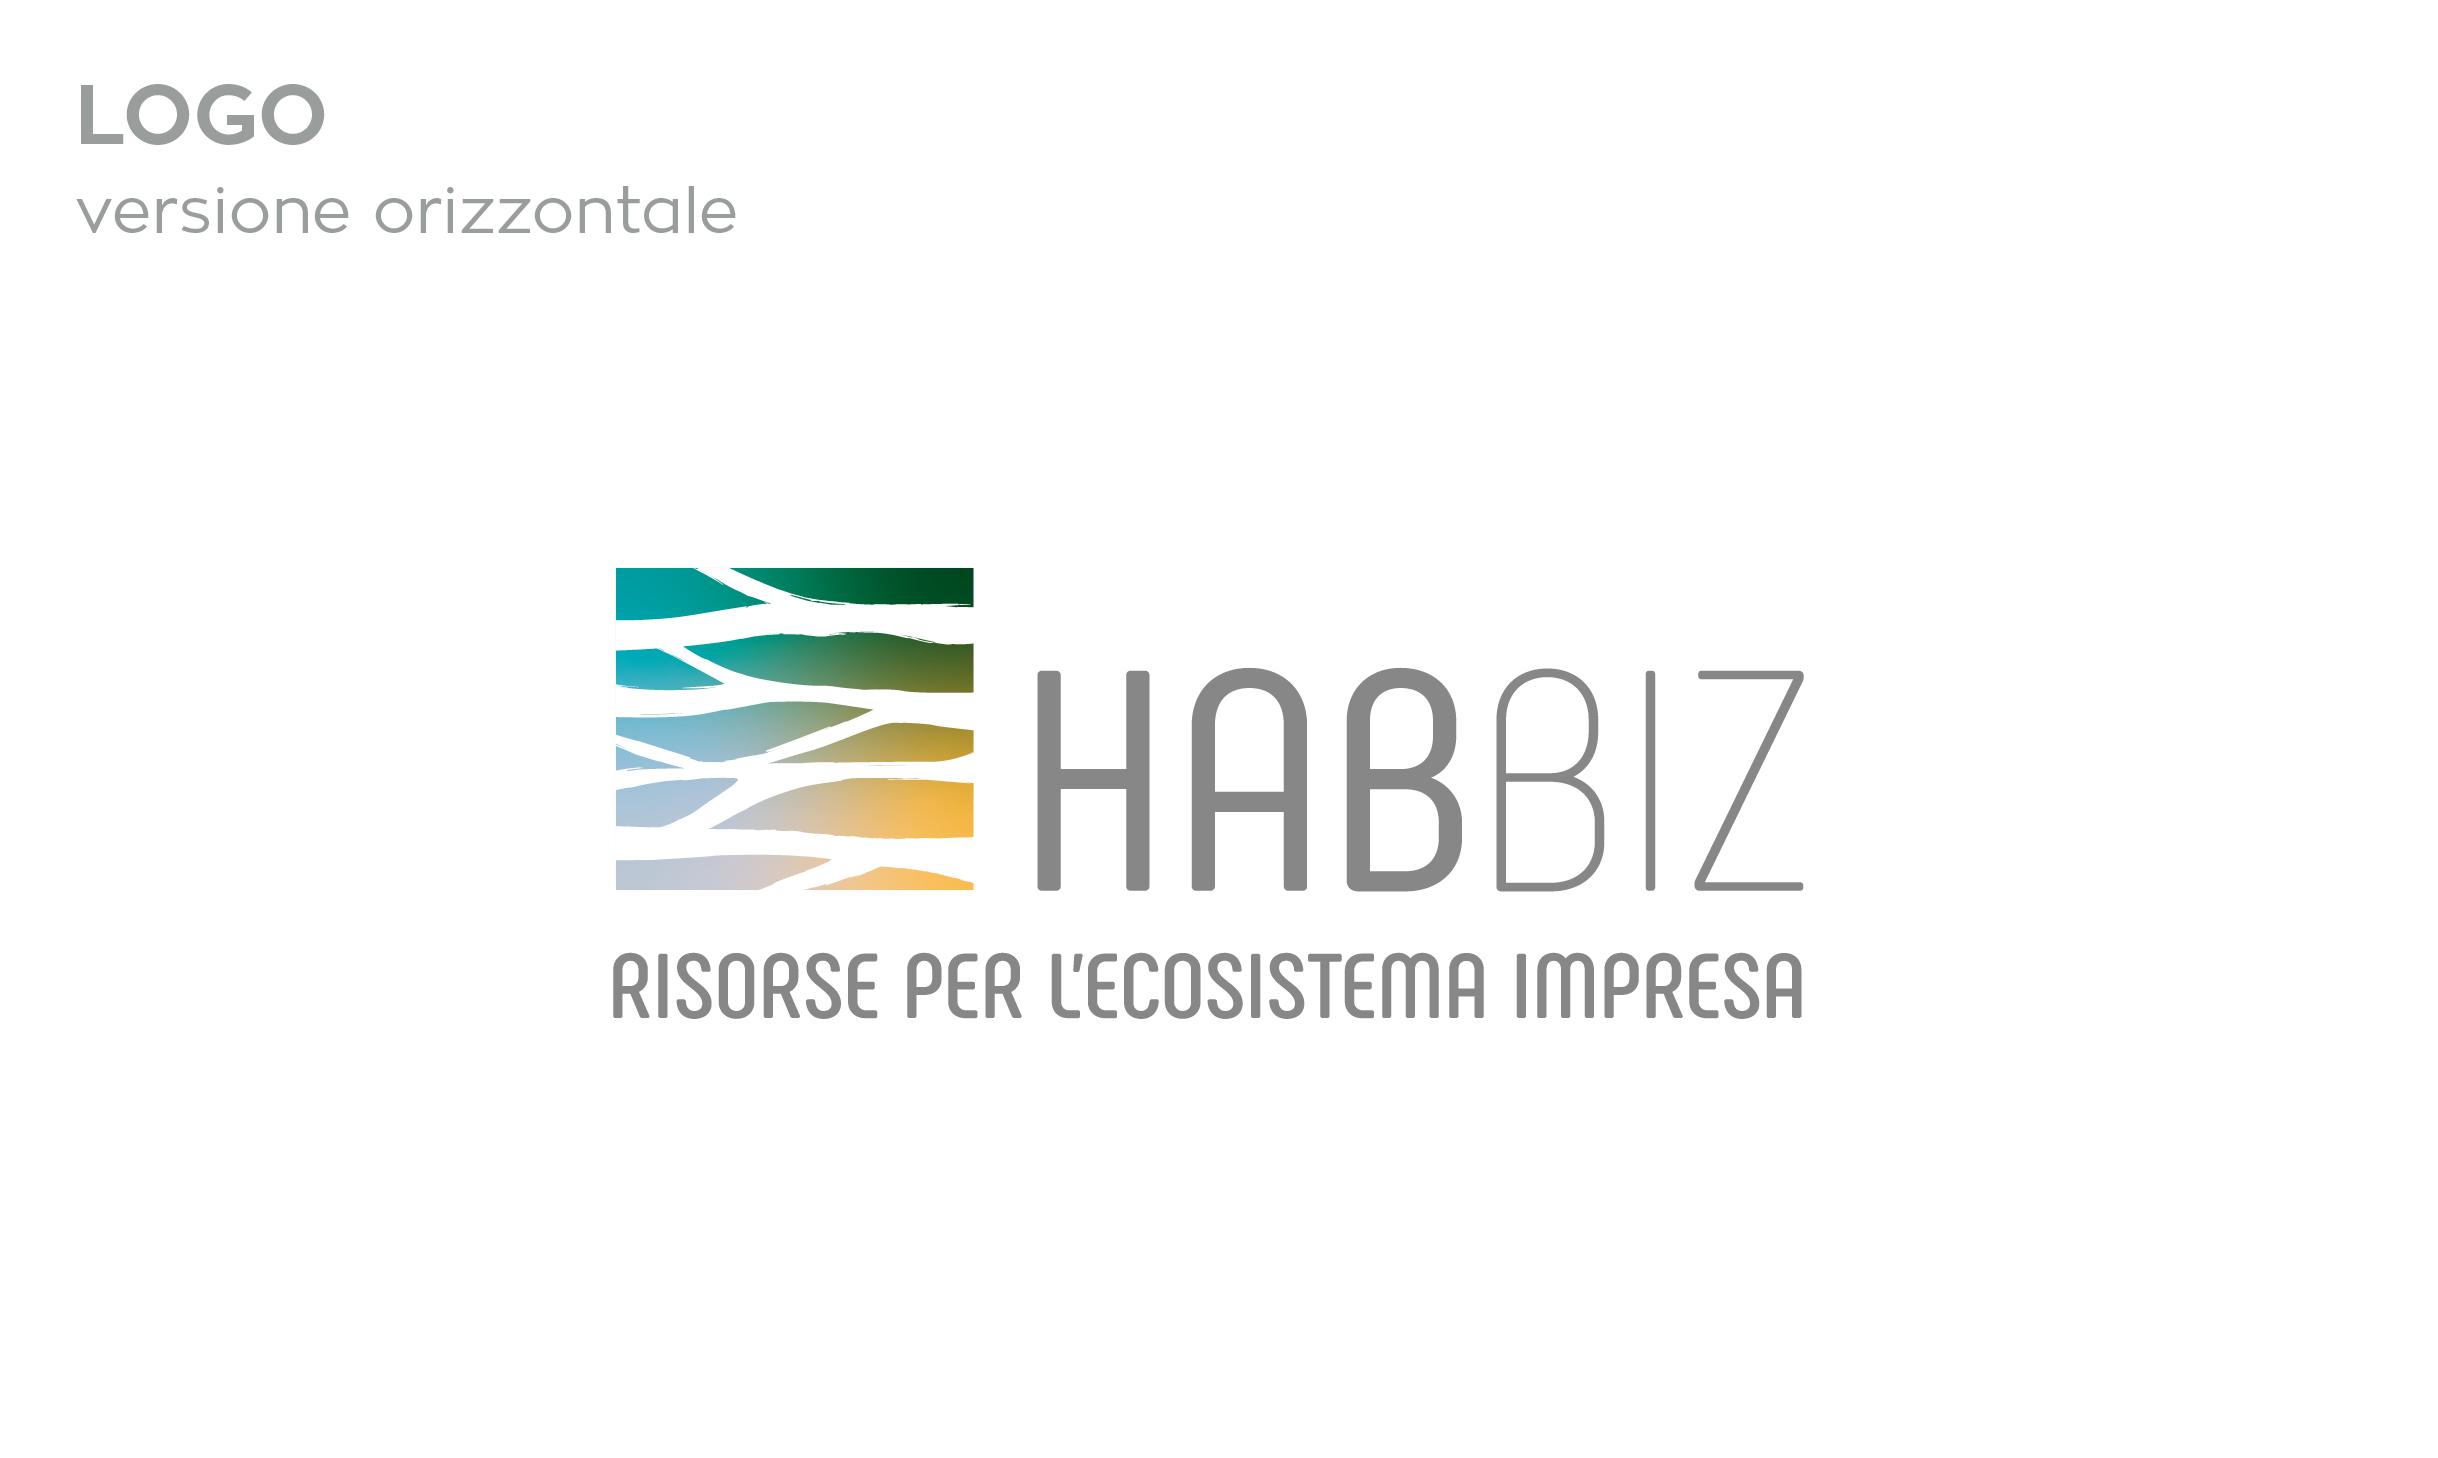 Hora-Habbiz_brandIdentity_12